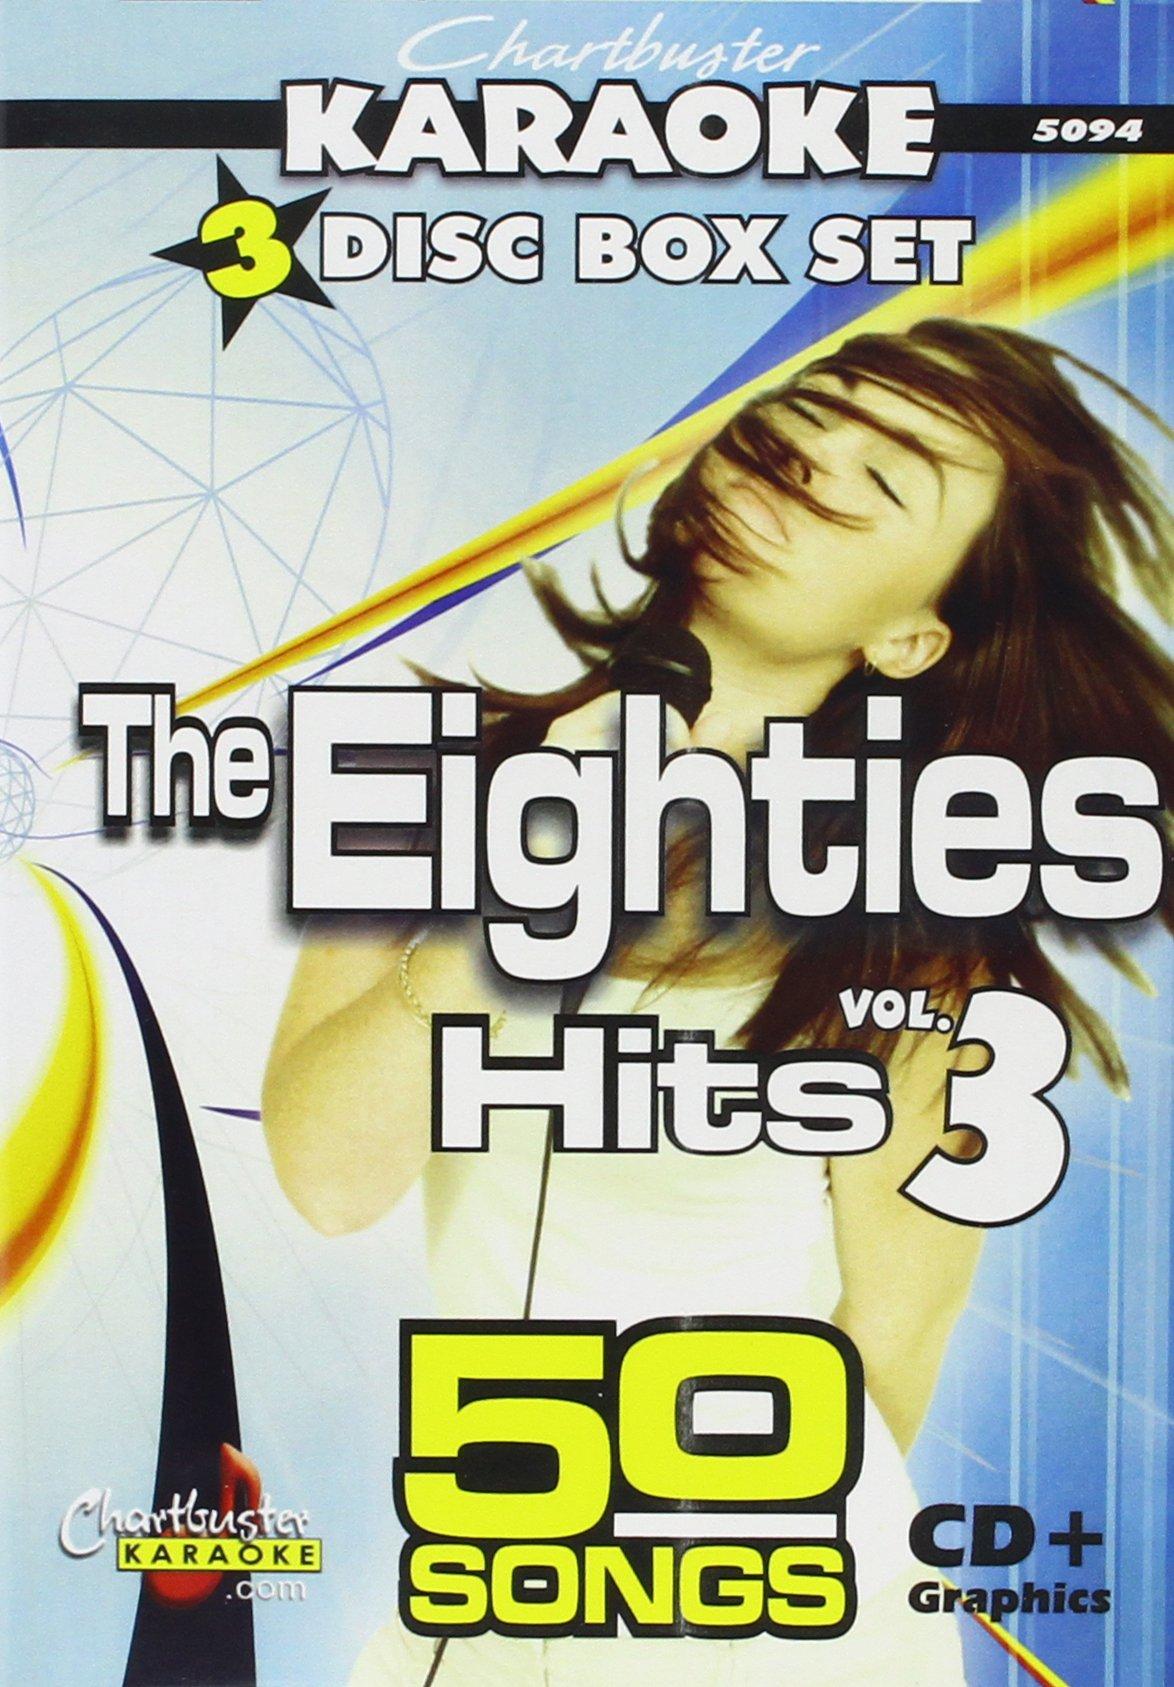 Karaoke: 80's Pop Hits 3 by Chartbuster